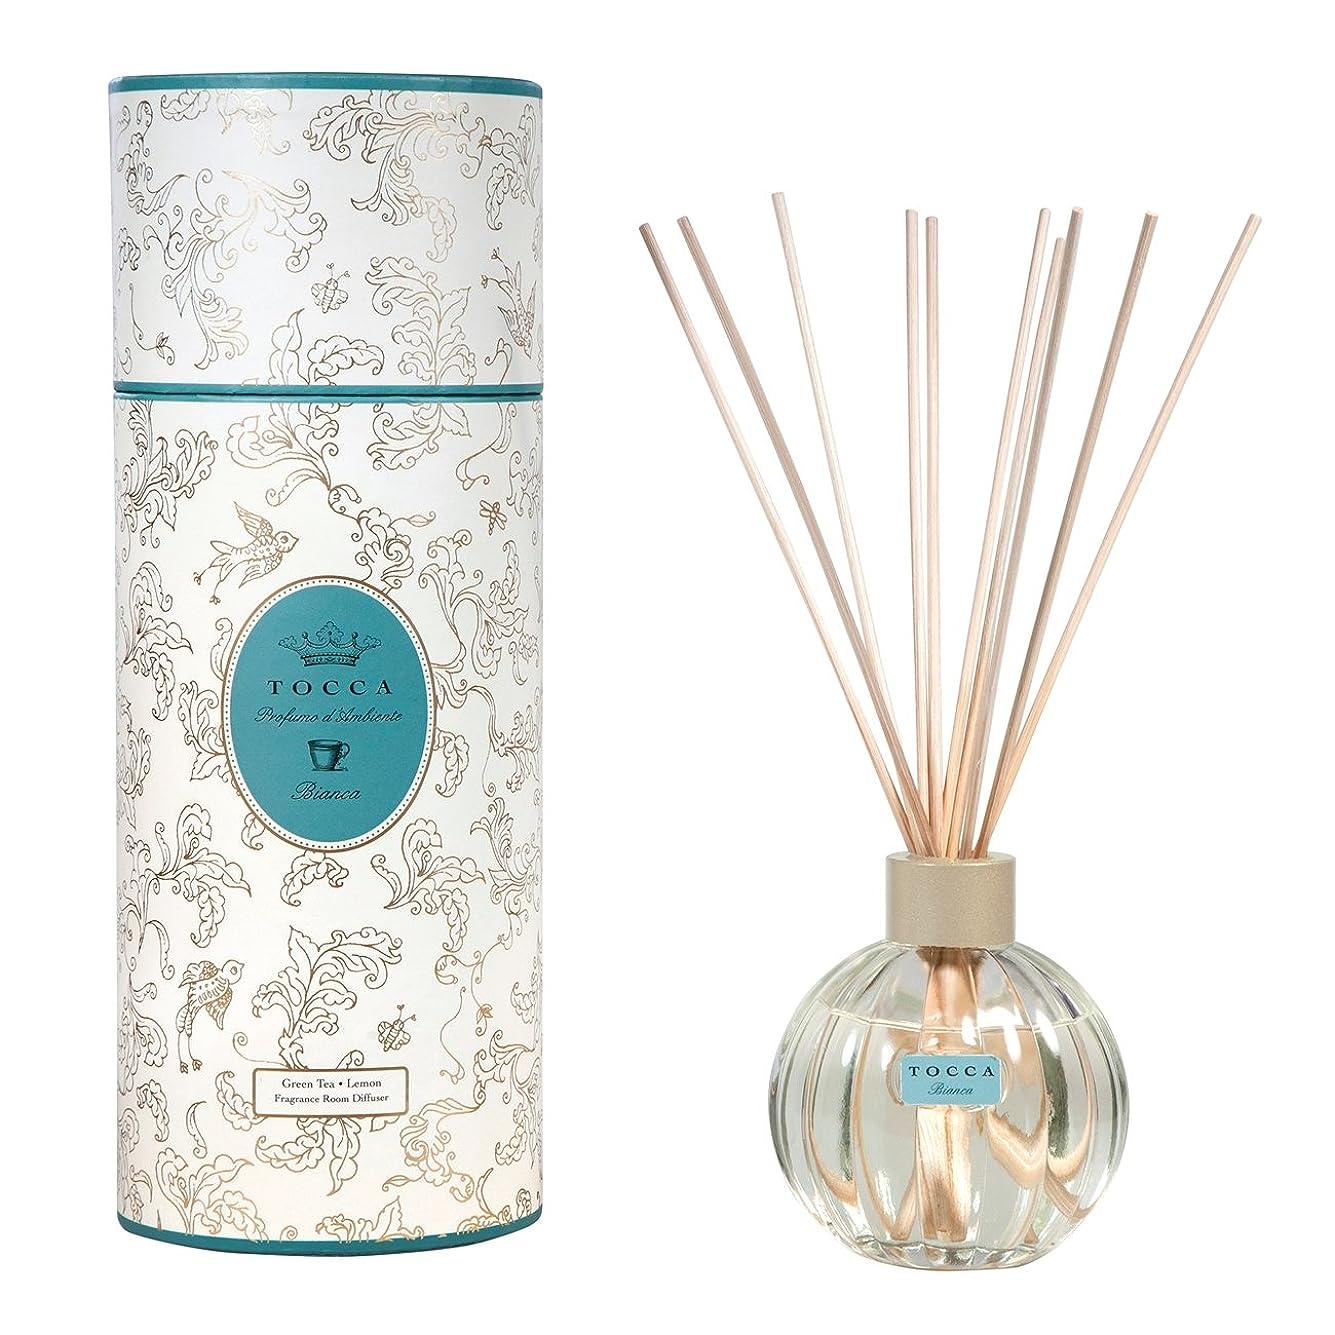 反響するパット合法トッカ(TOCCA) リードディフューザー ビアンカの香り 175ml 3~4ヶ月持続(芳香剤 ルームフレグランス シトラスとグリーンティー、ローズが絶妙に溶け合ったほのかに甘さ漂うフレッシュな香り)